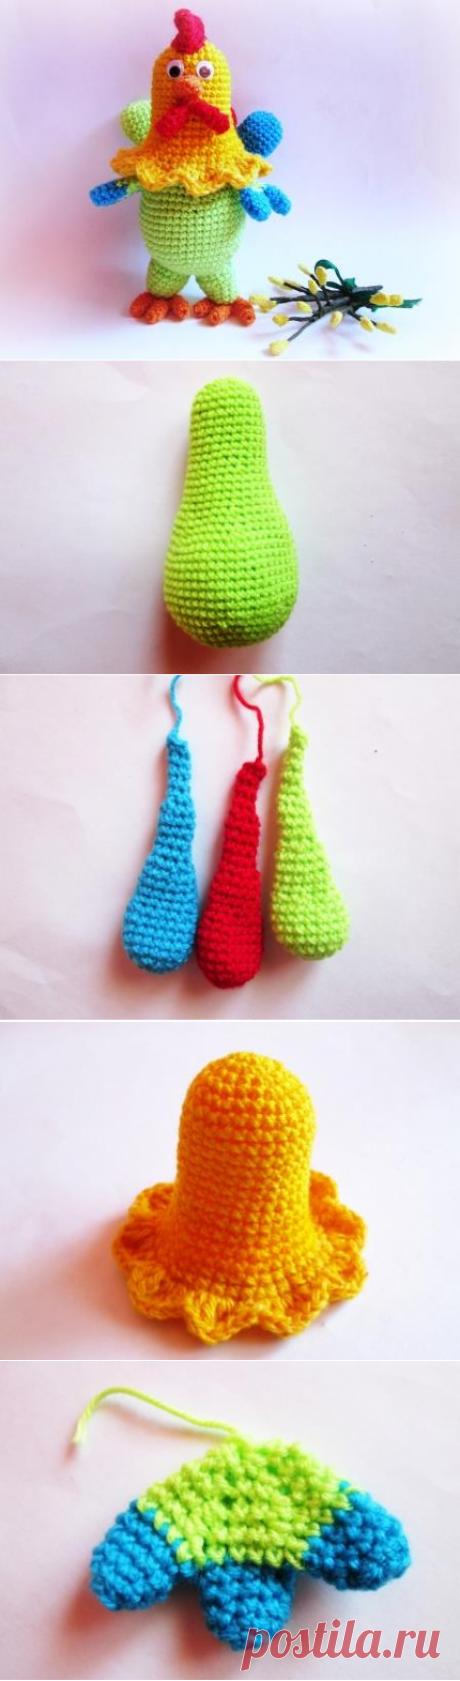 Петух крючком, описание и пошаговые фото вязания амигуруми | Амигуруми - описание вязания крючком